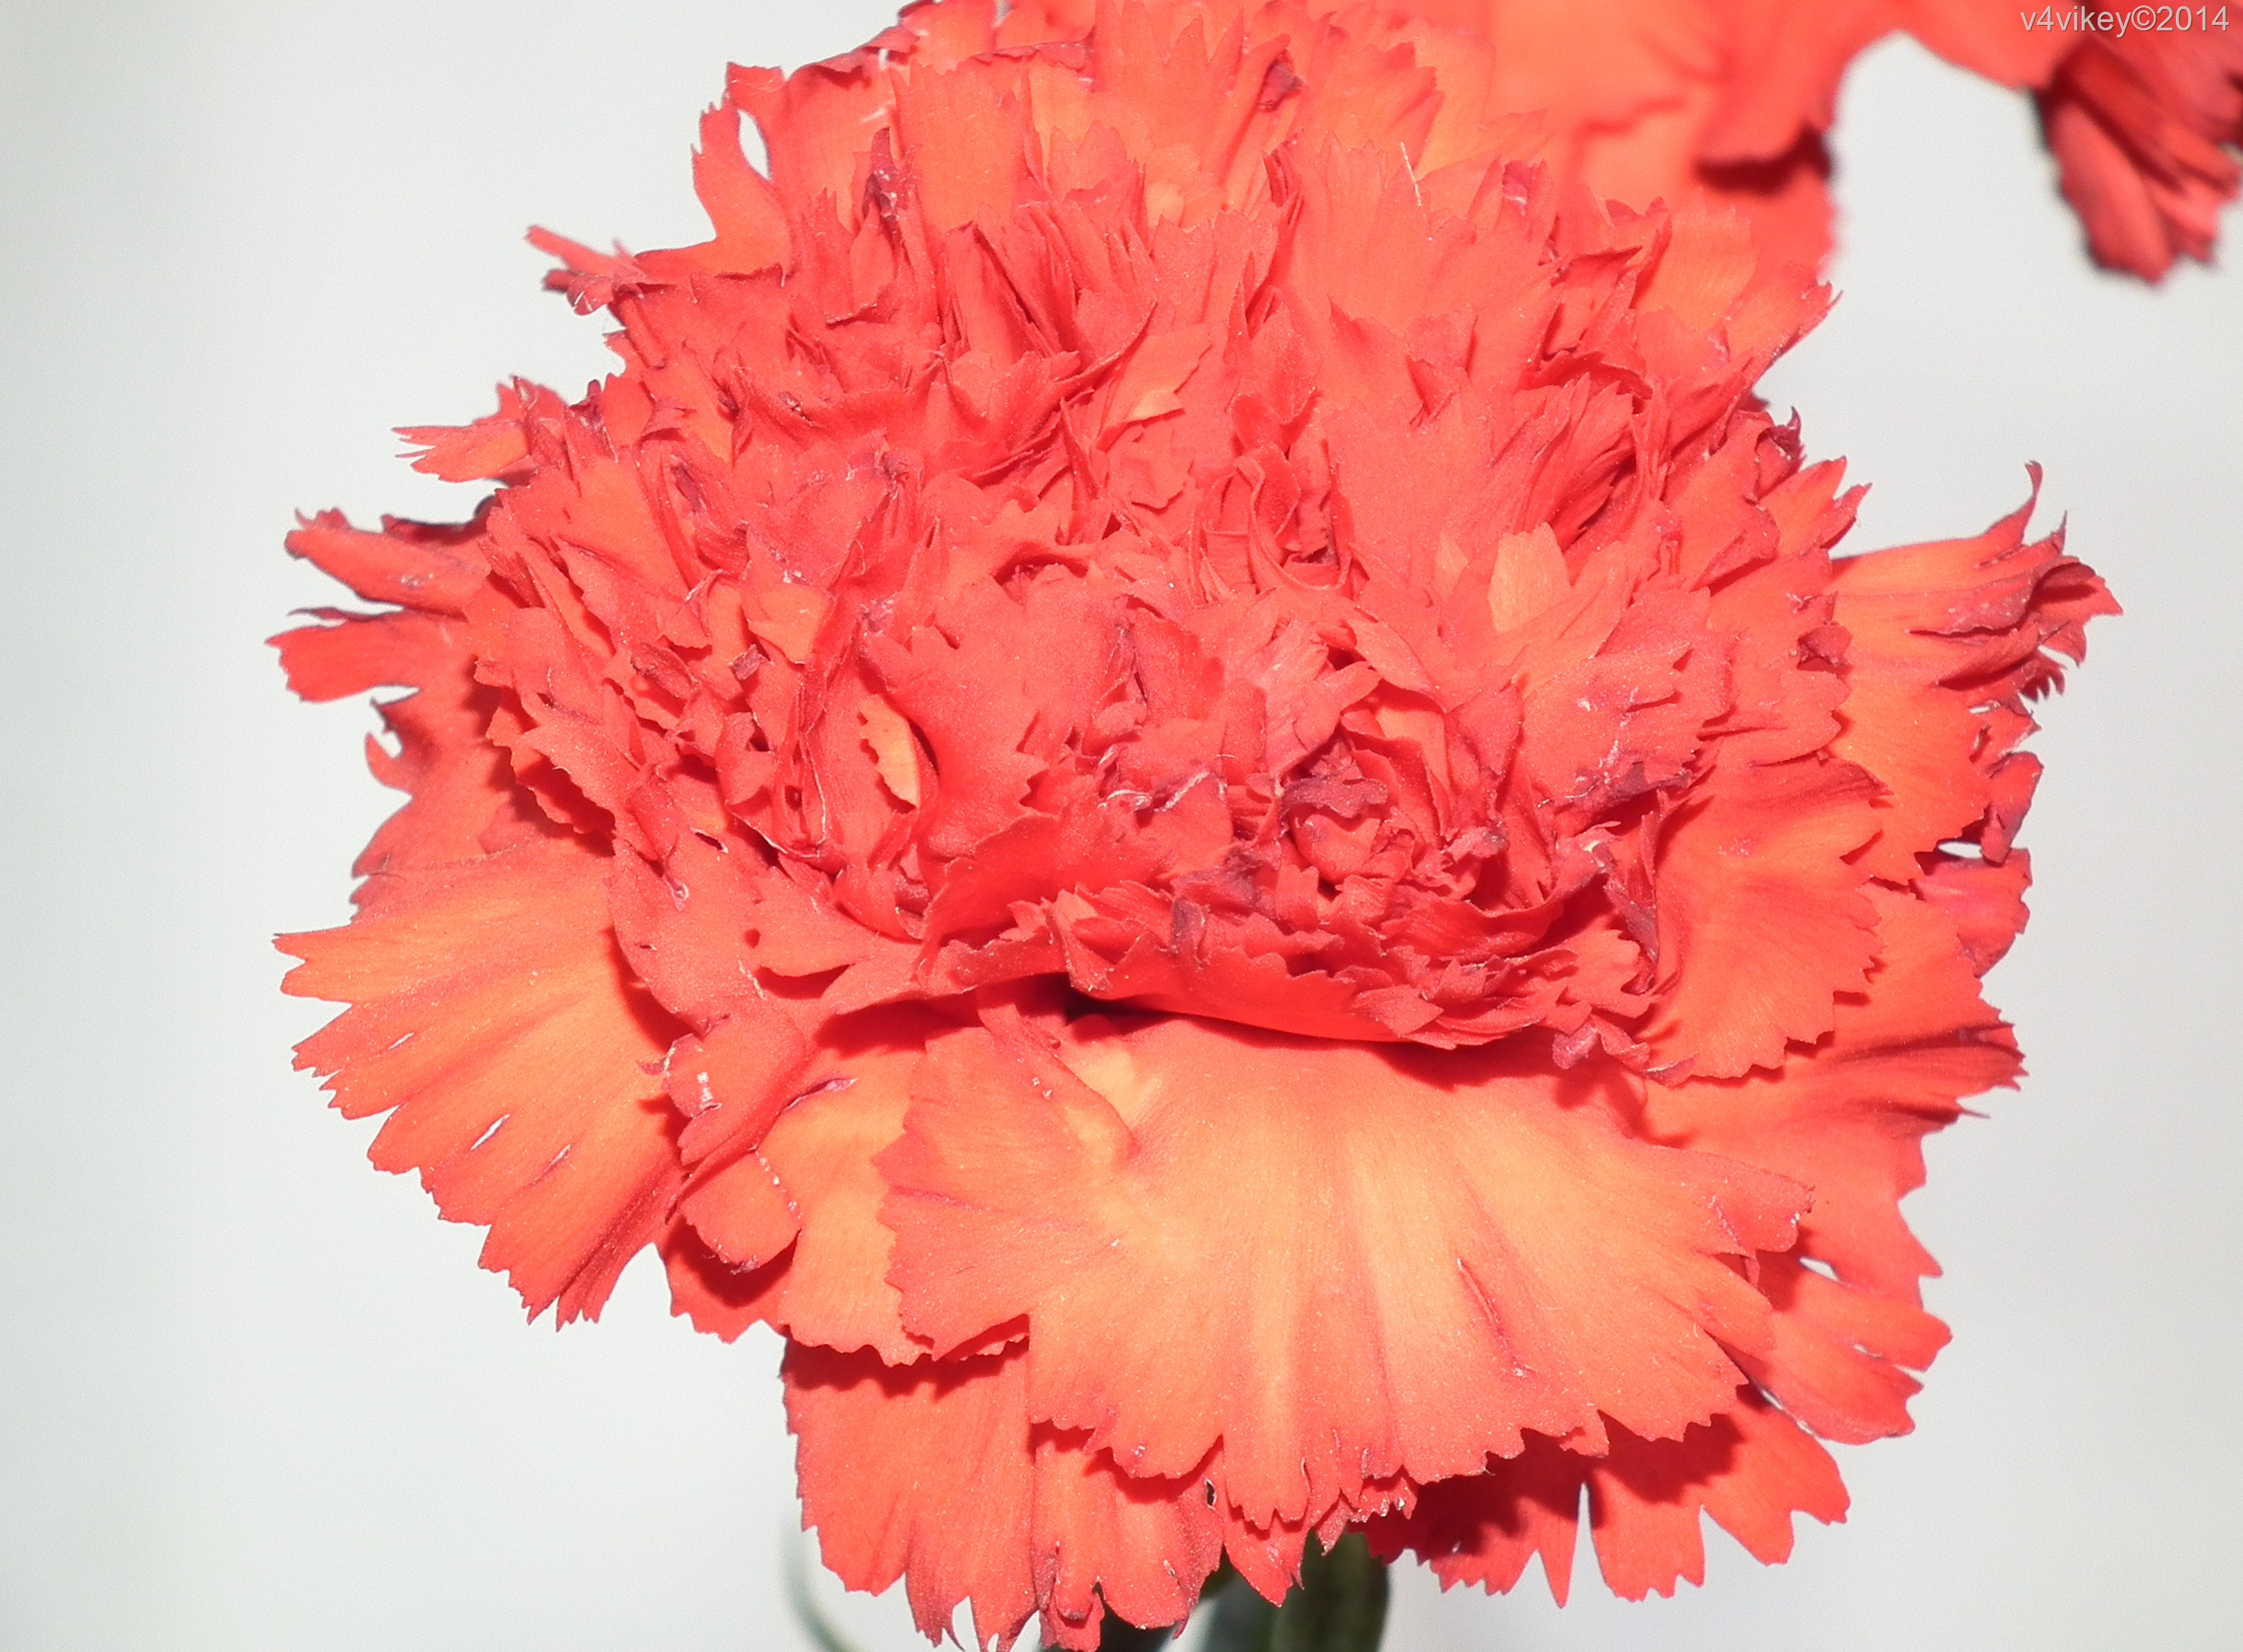 Carnation flower (1)